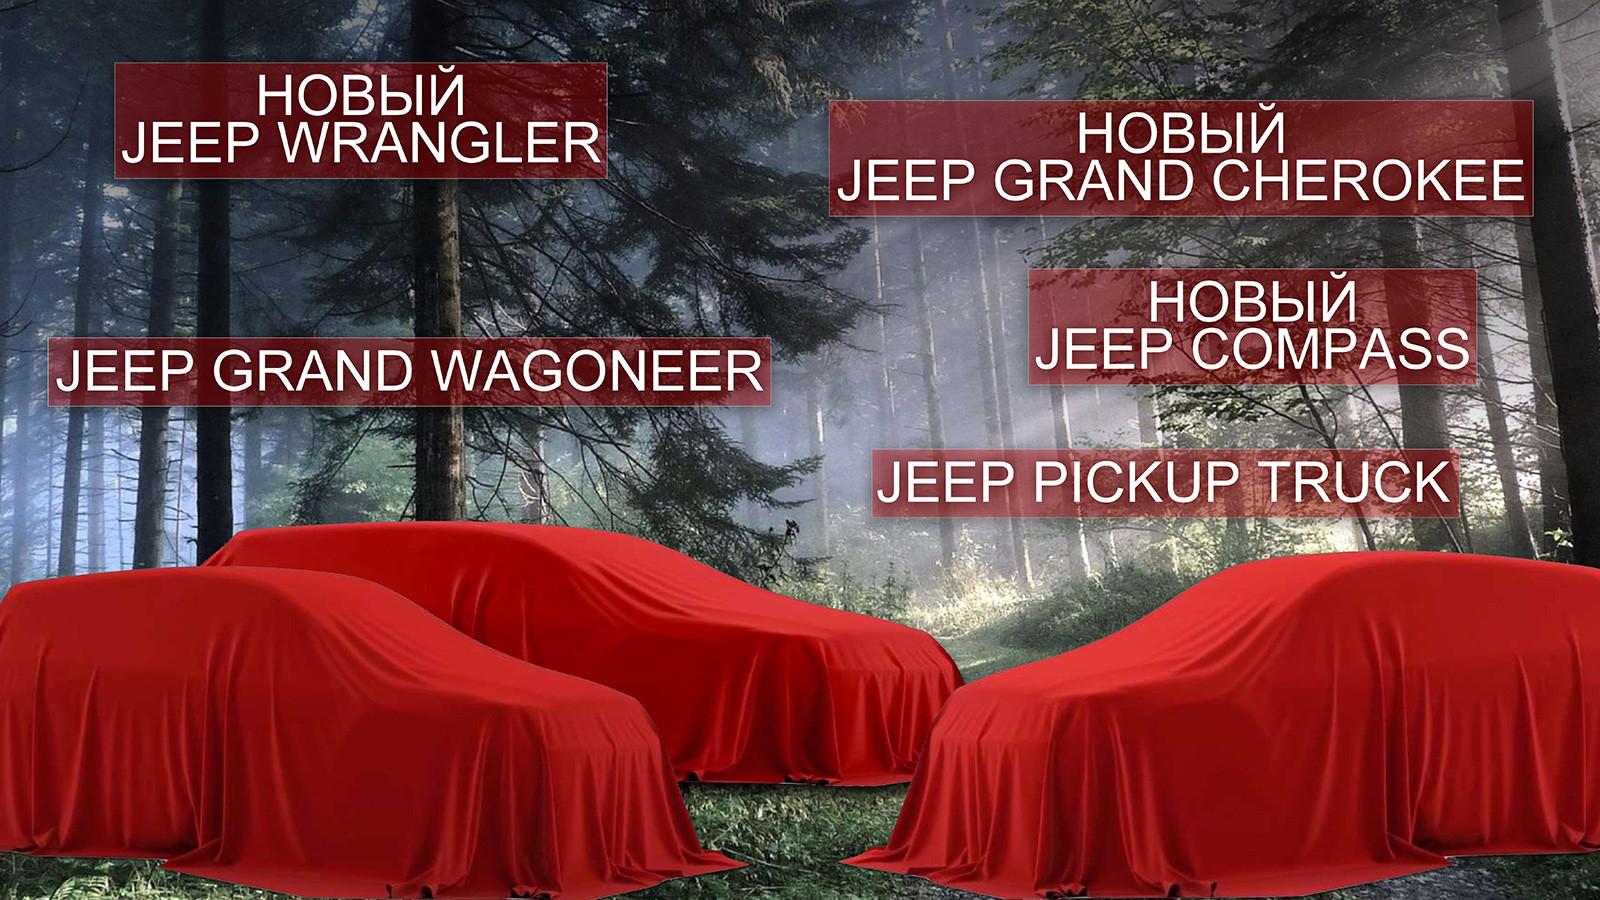 В Российскую Федерацию приедет новый вседорожный автомобиль Jeep Grand Cherokee